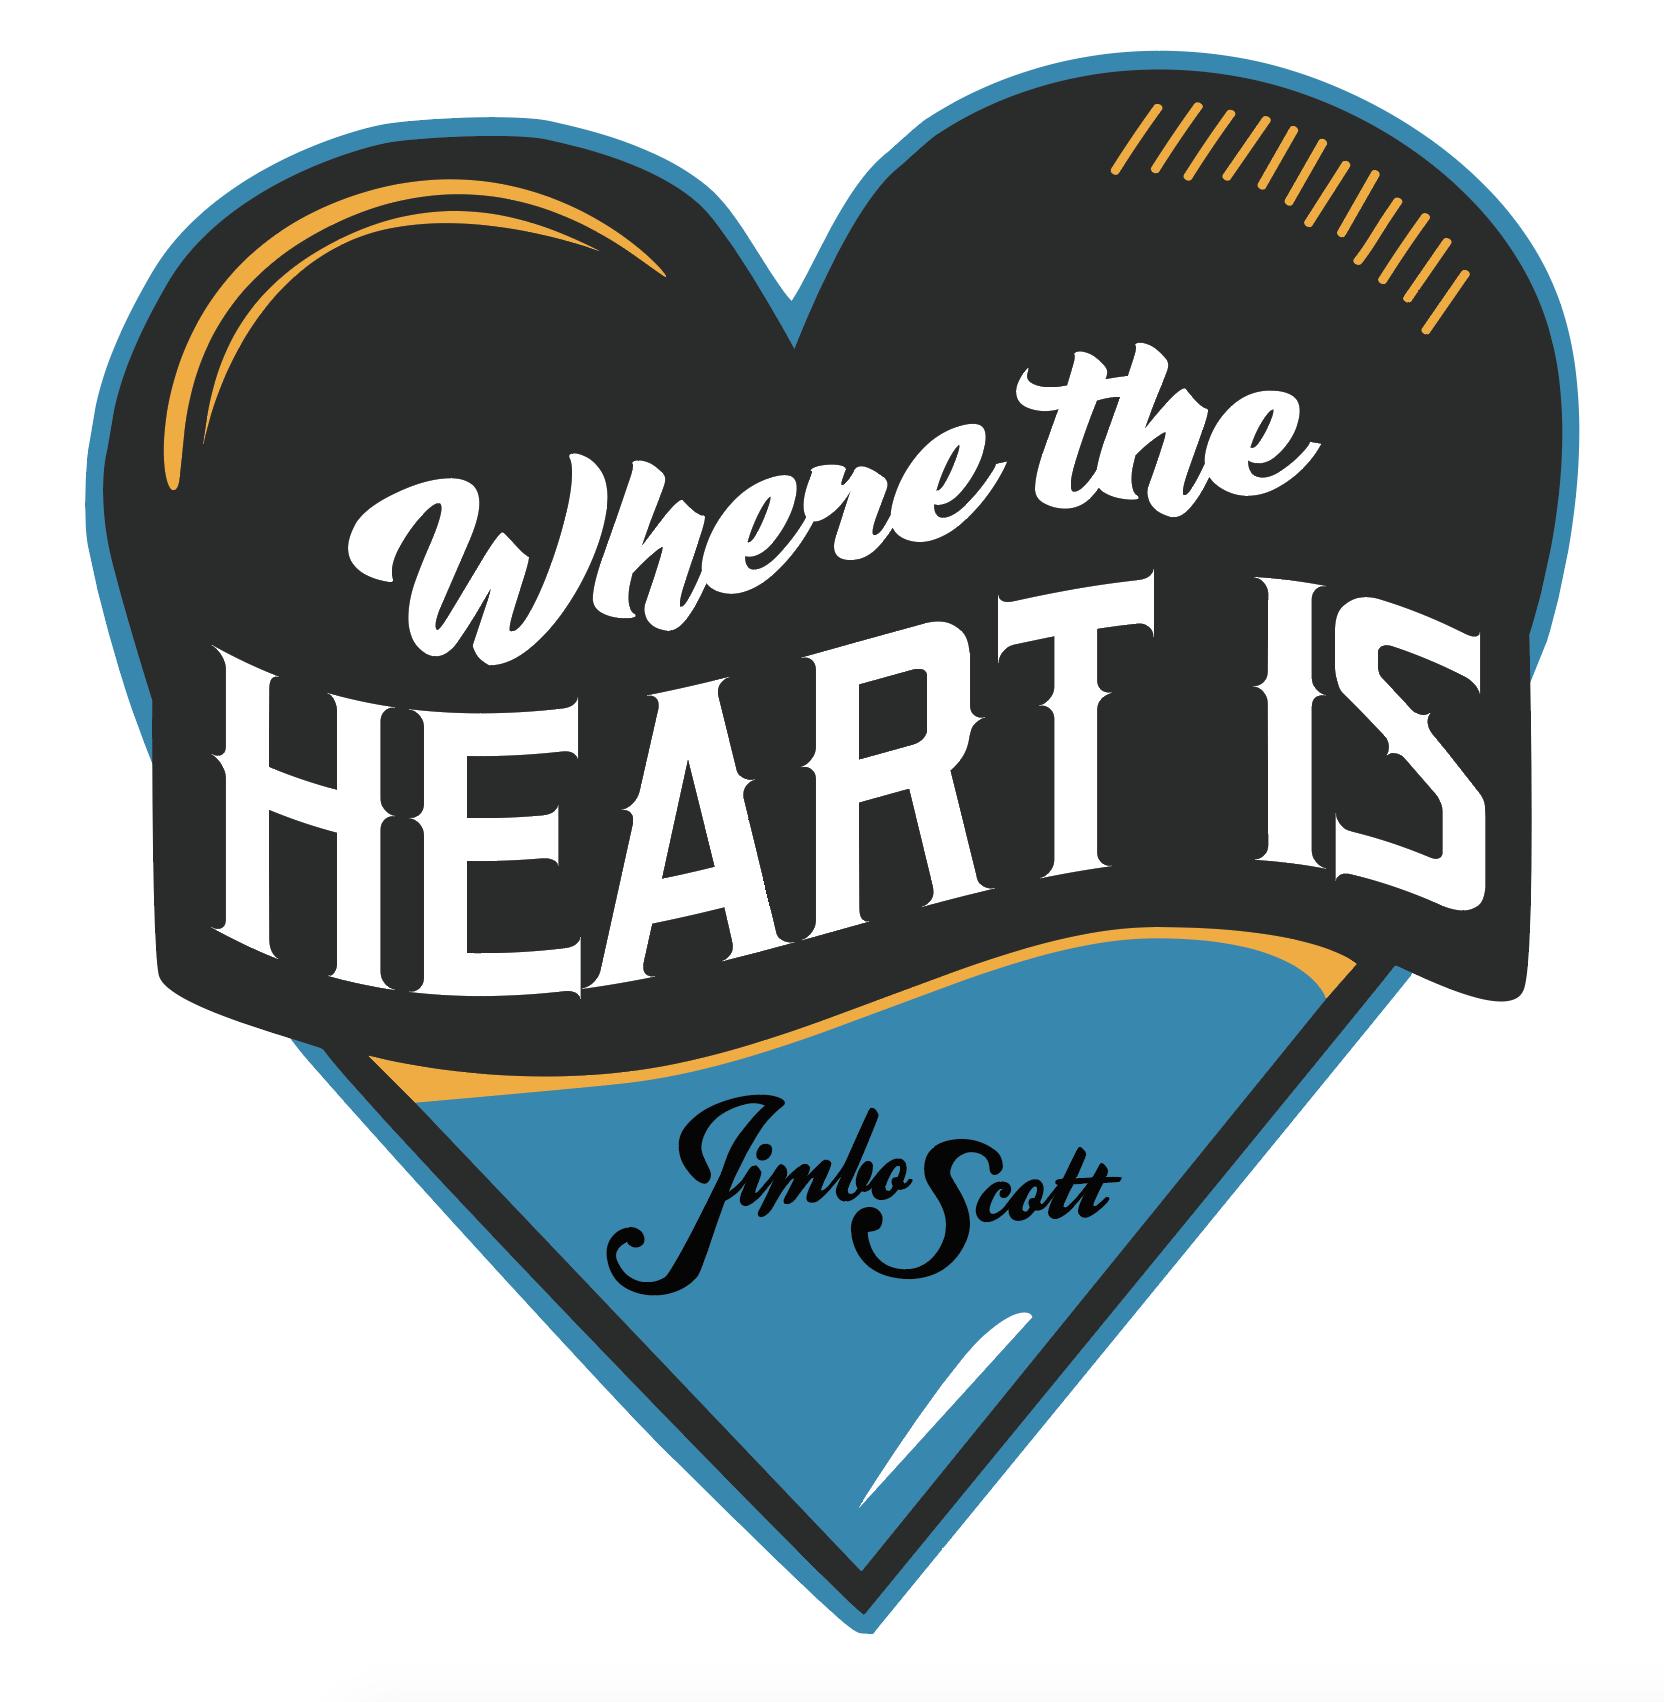 Original logo design for the album.